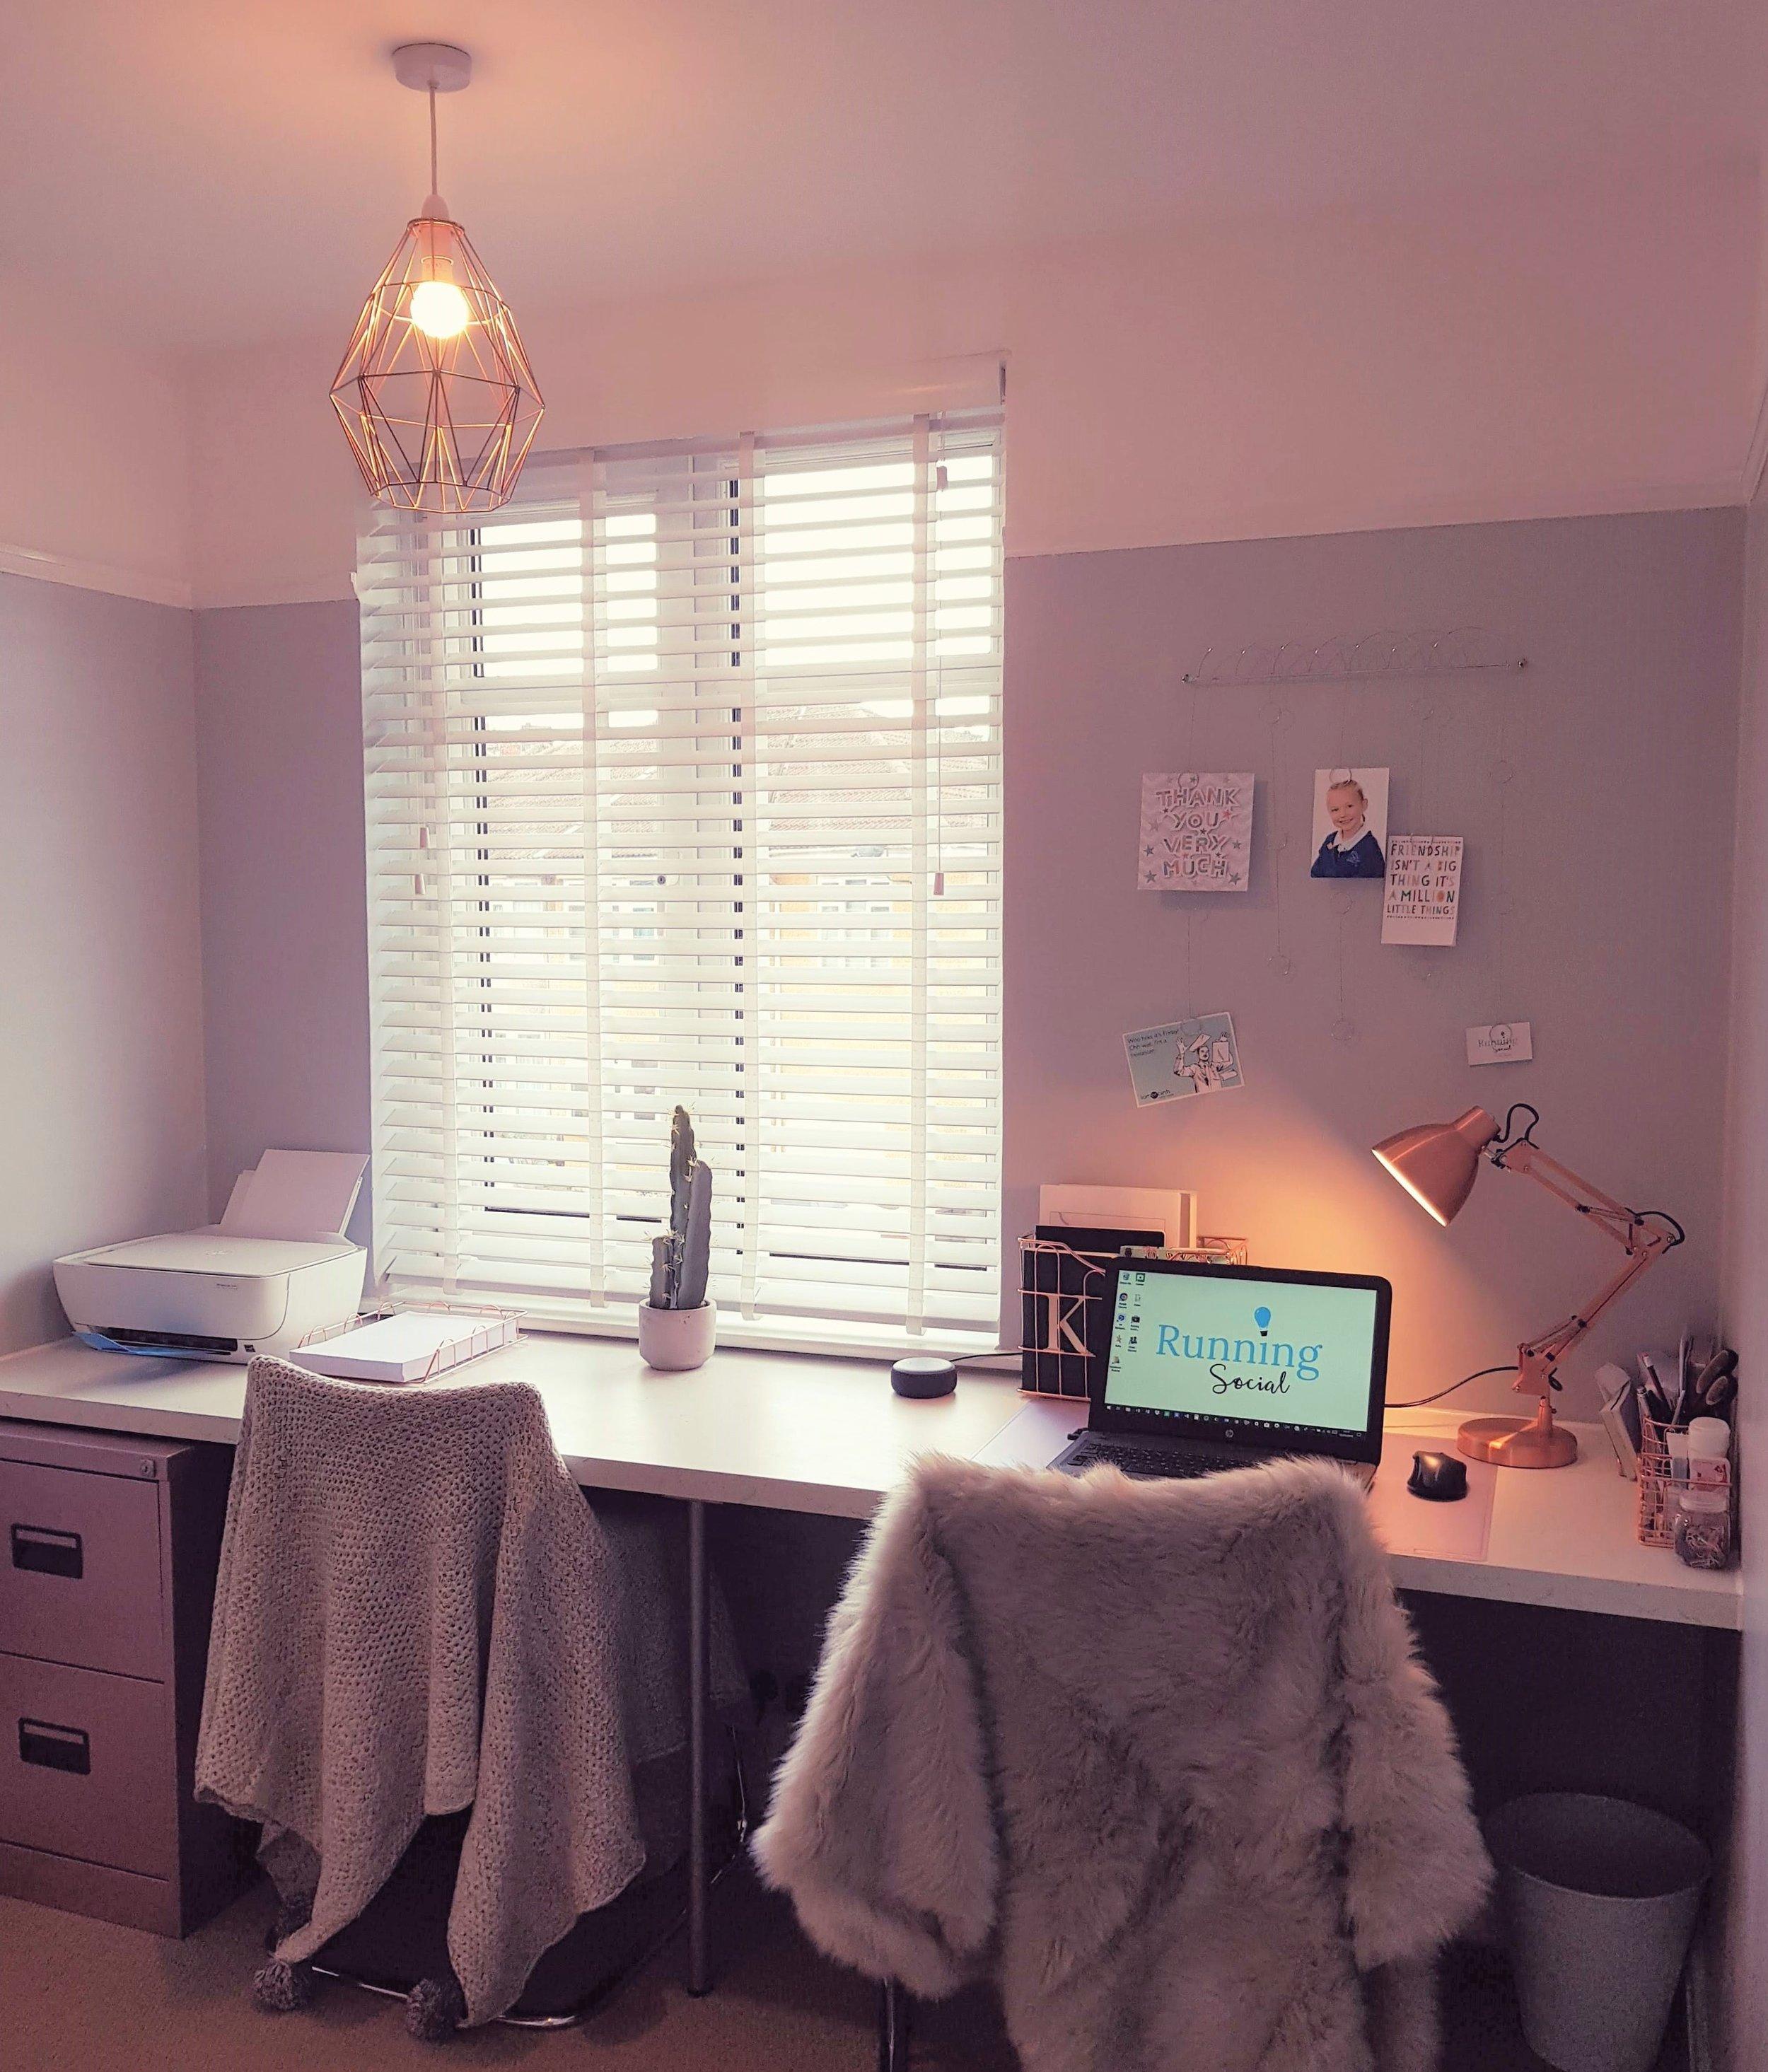 k office best.jpg